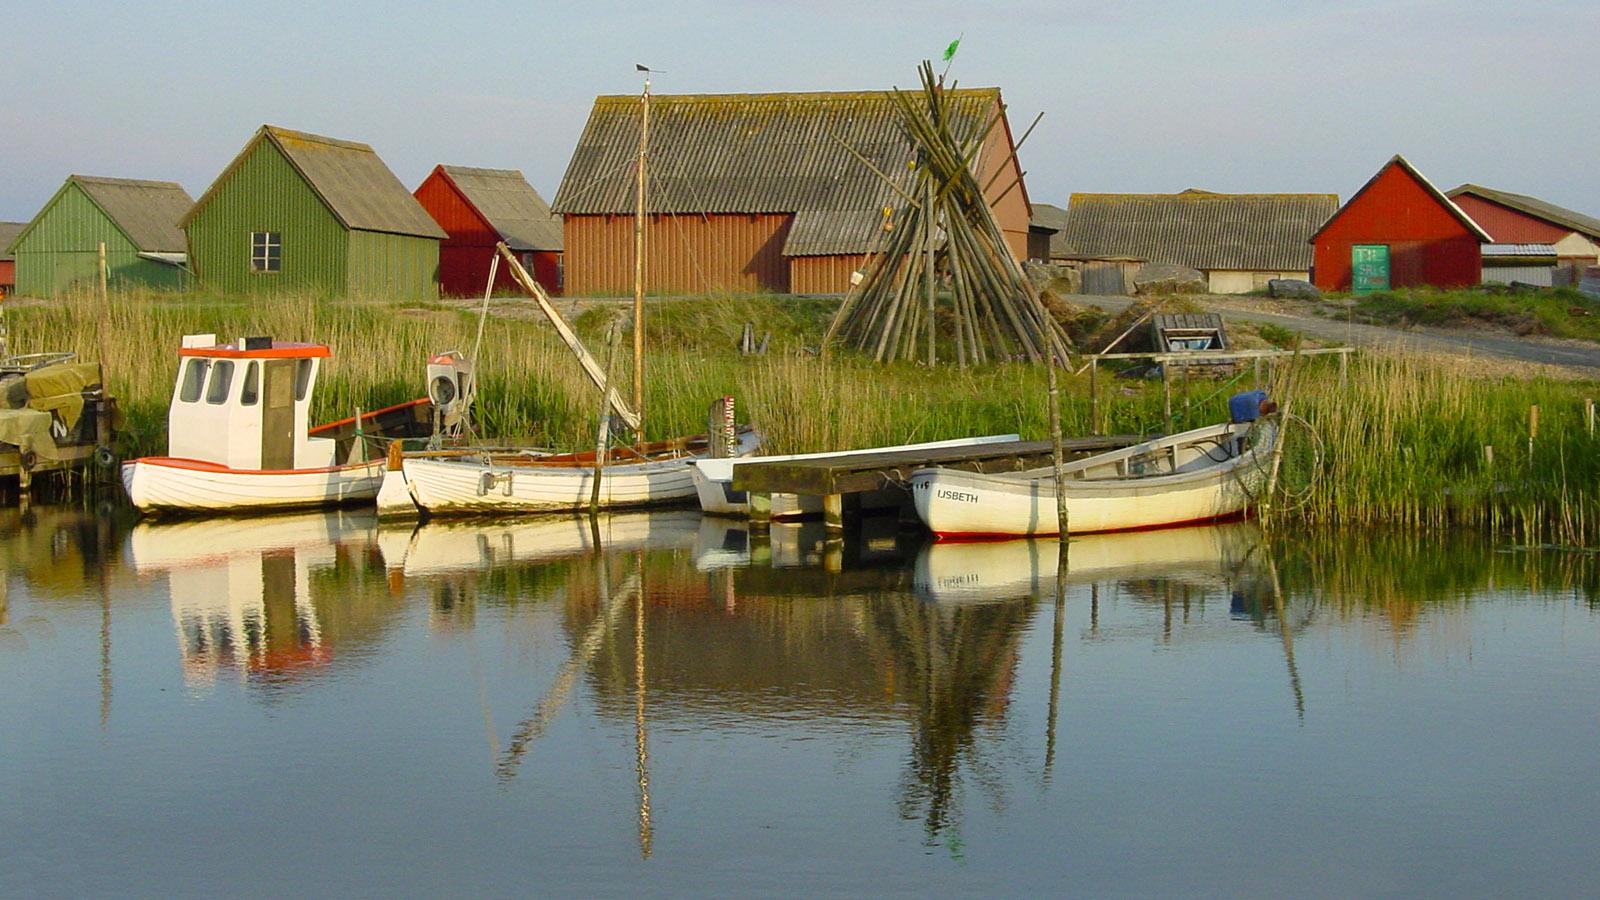 Von den Ferienhäusern im Gammel Havn blick ihre auf alte Fischerboote und Arbeitshütten. Foto: Hilke Maunder